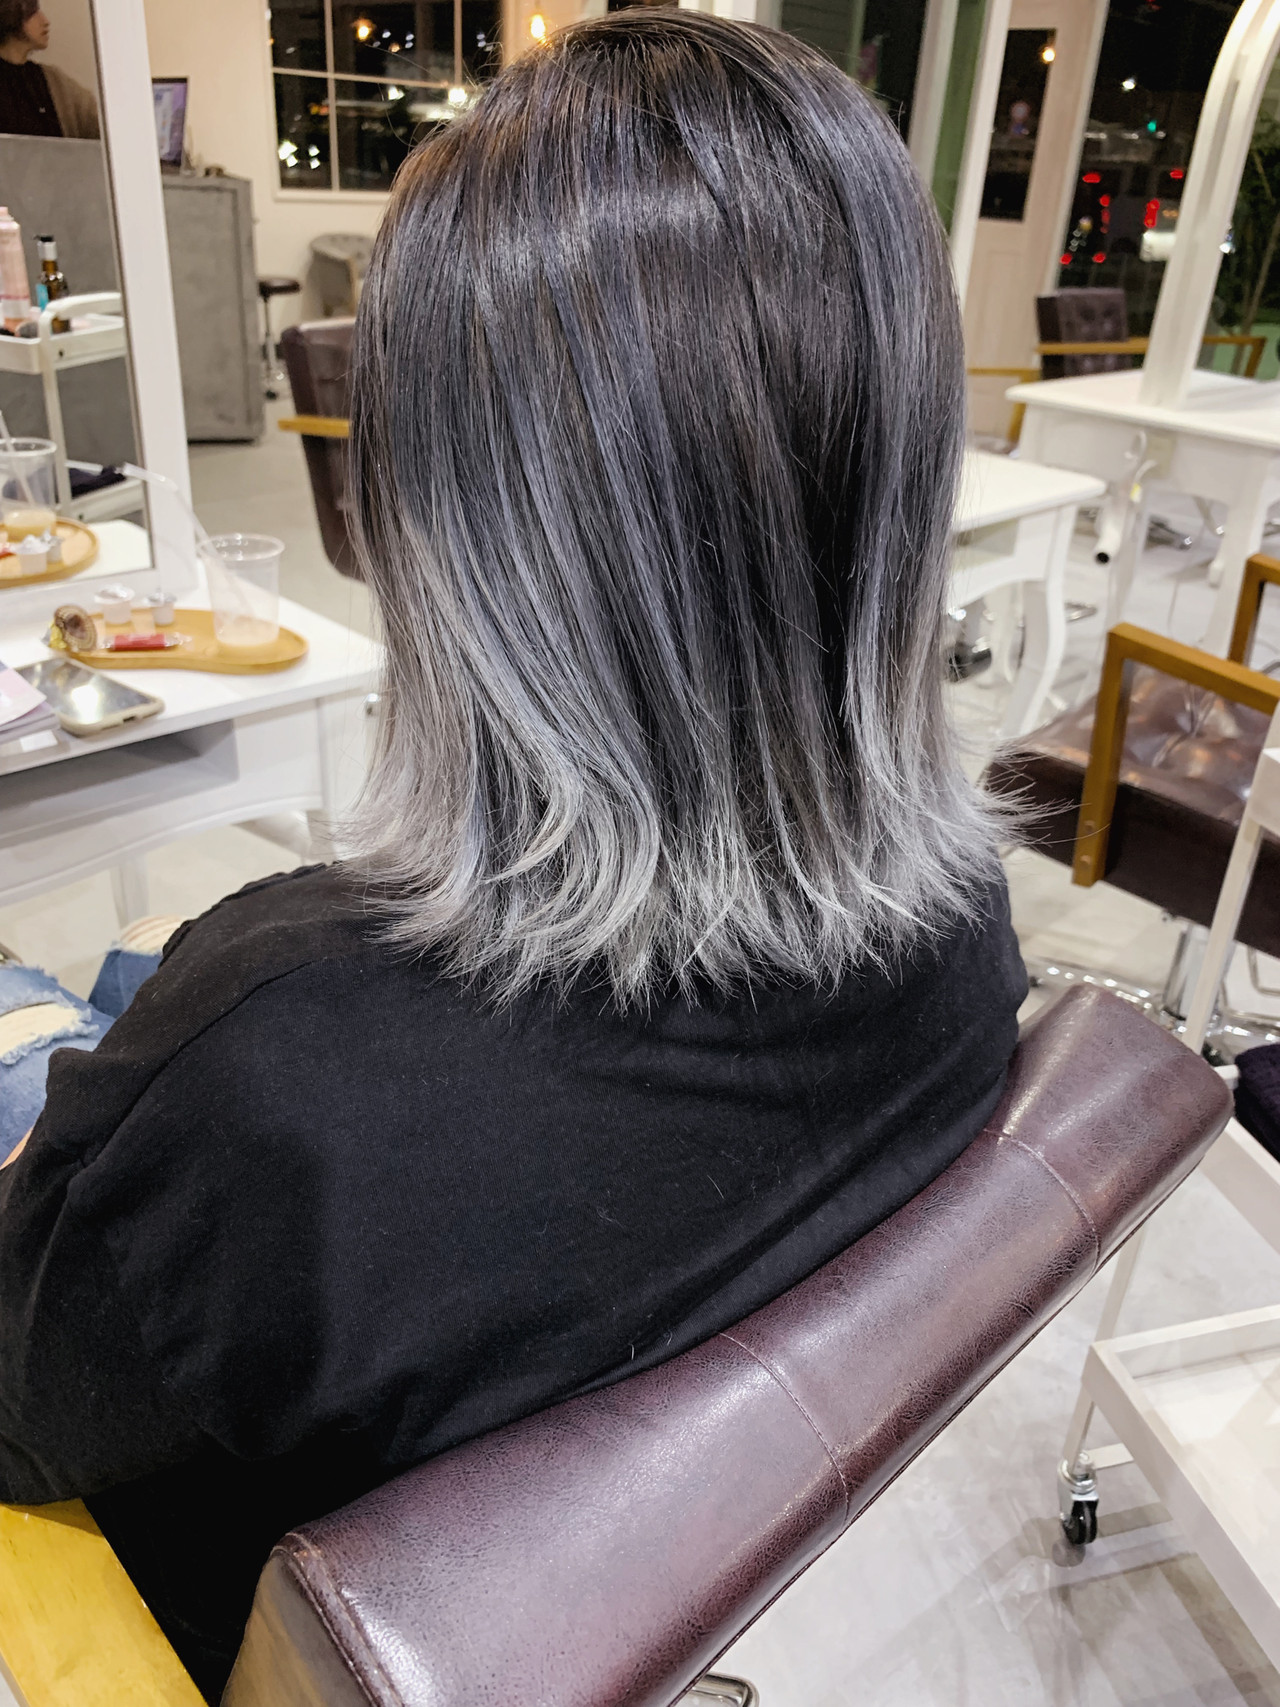 ナチュラル コントラストハイライト バレイヤージュ ハイライト ヘアスタイルや髪型の写真・画像